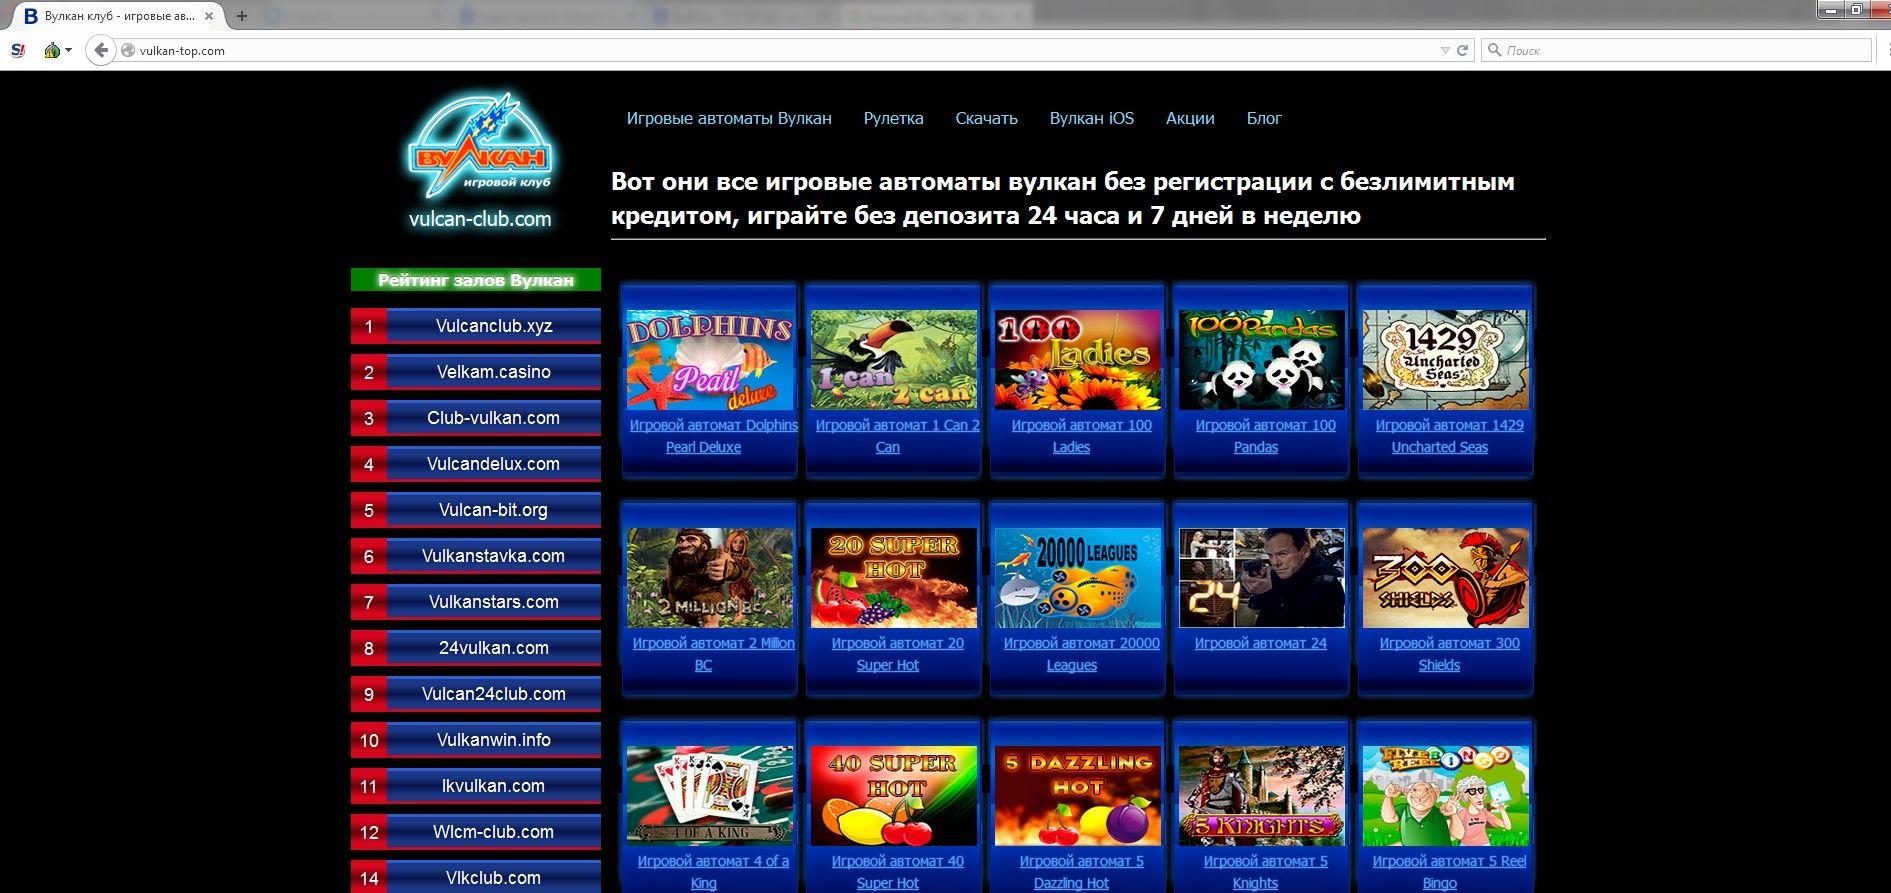 www vulkan com